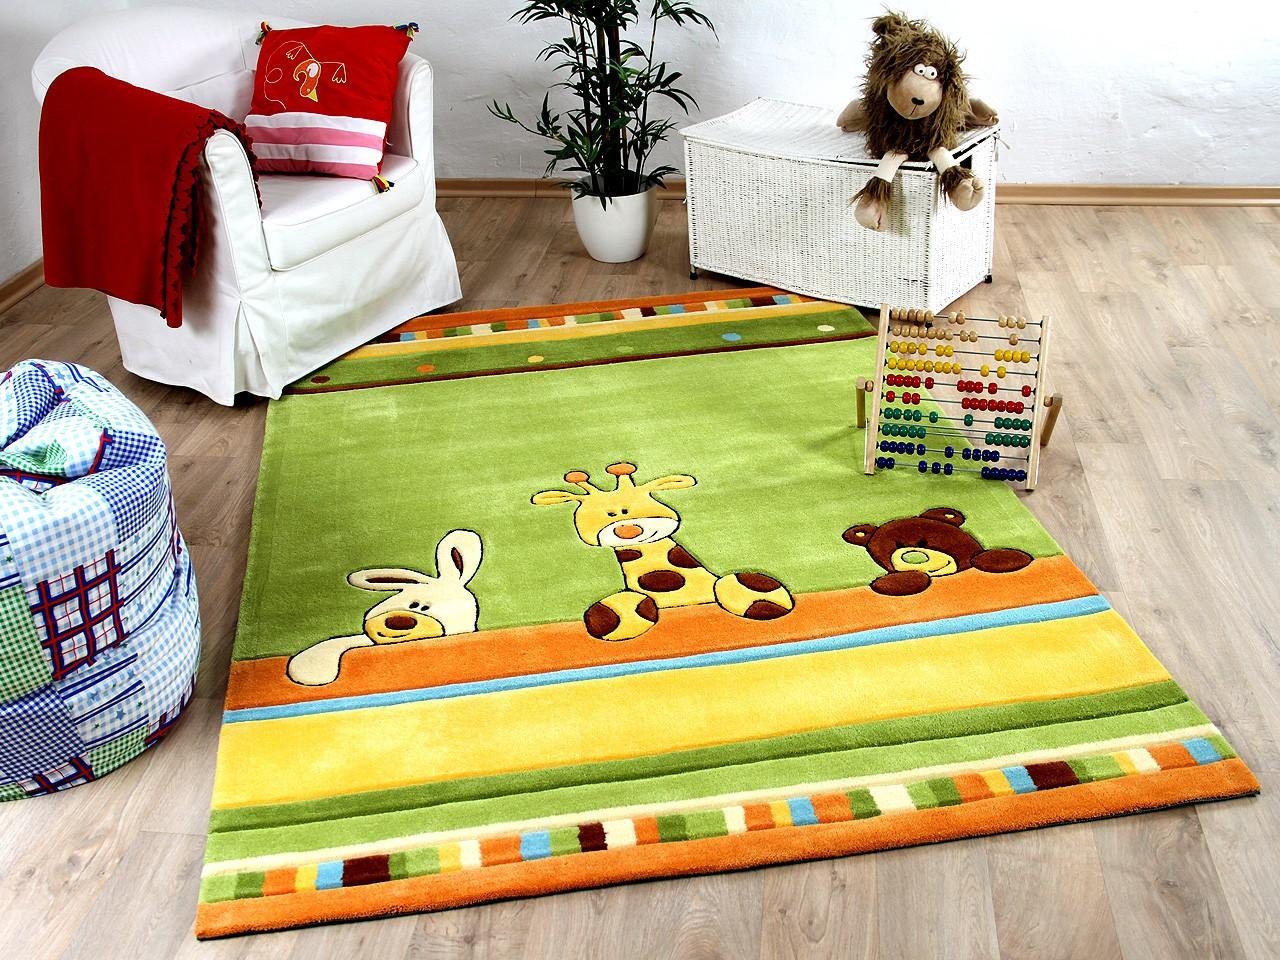 Kinderteppich grün  Lifestyle Kinderteppich Giraffe Grün !!! Sofort Lieferbar !!!